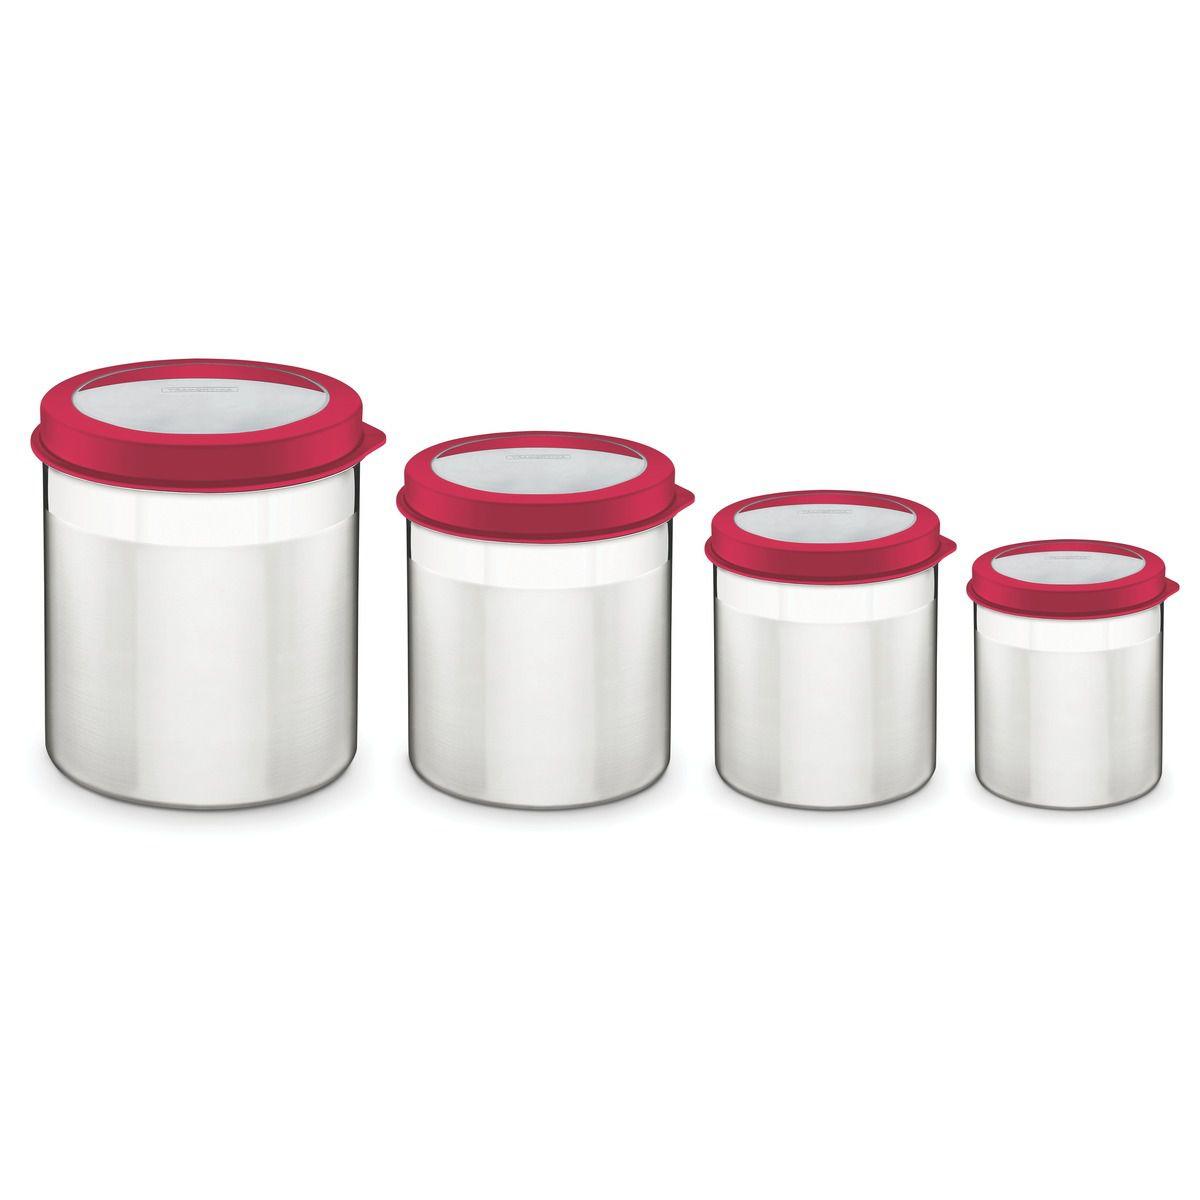 Jogo de potes aço inox com tampa plástica 4 pçs - Tramontina